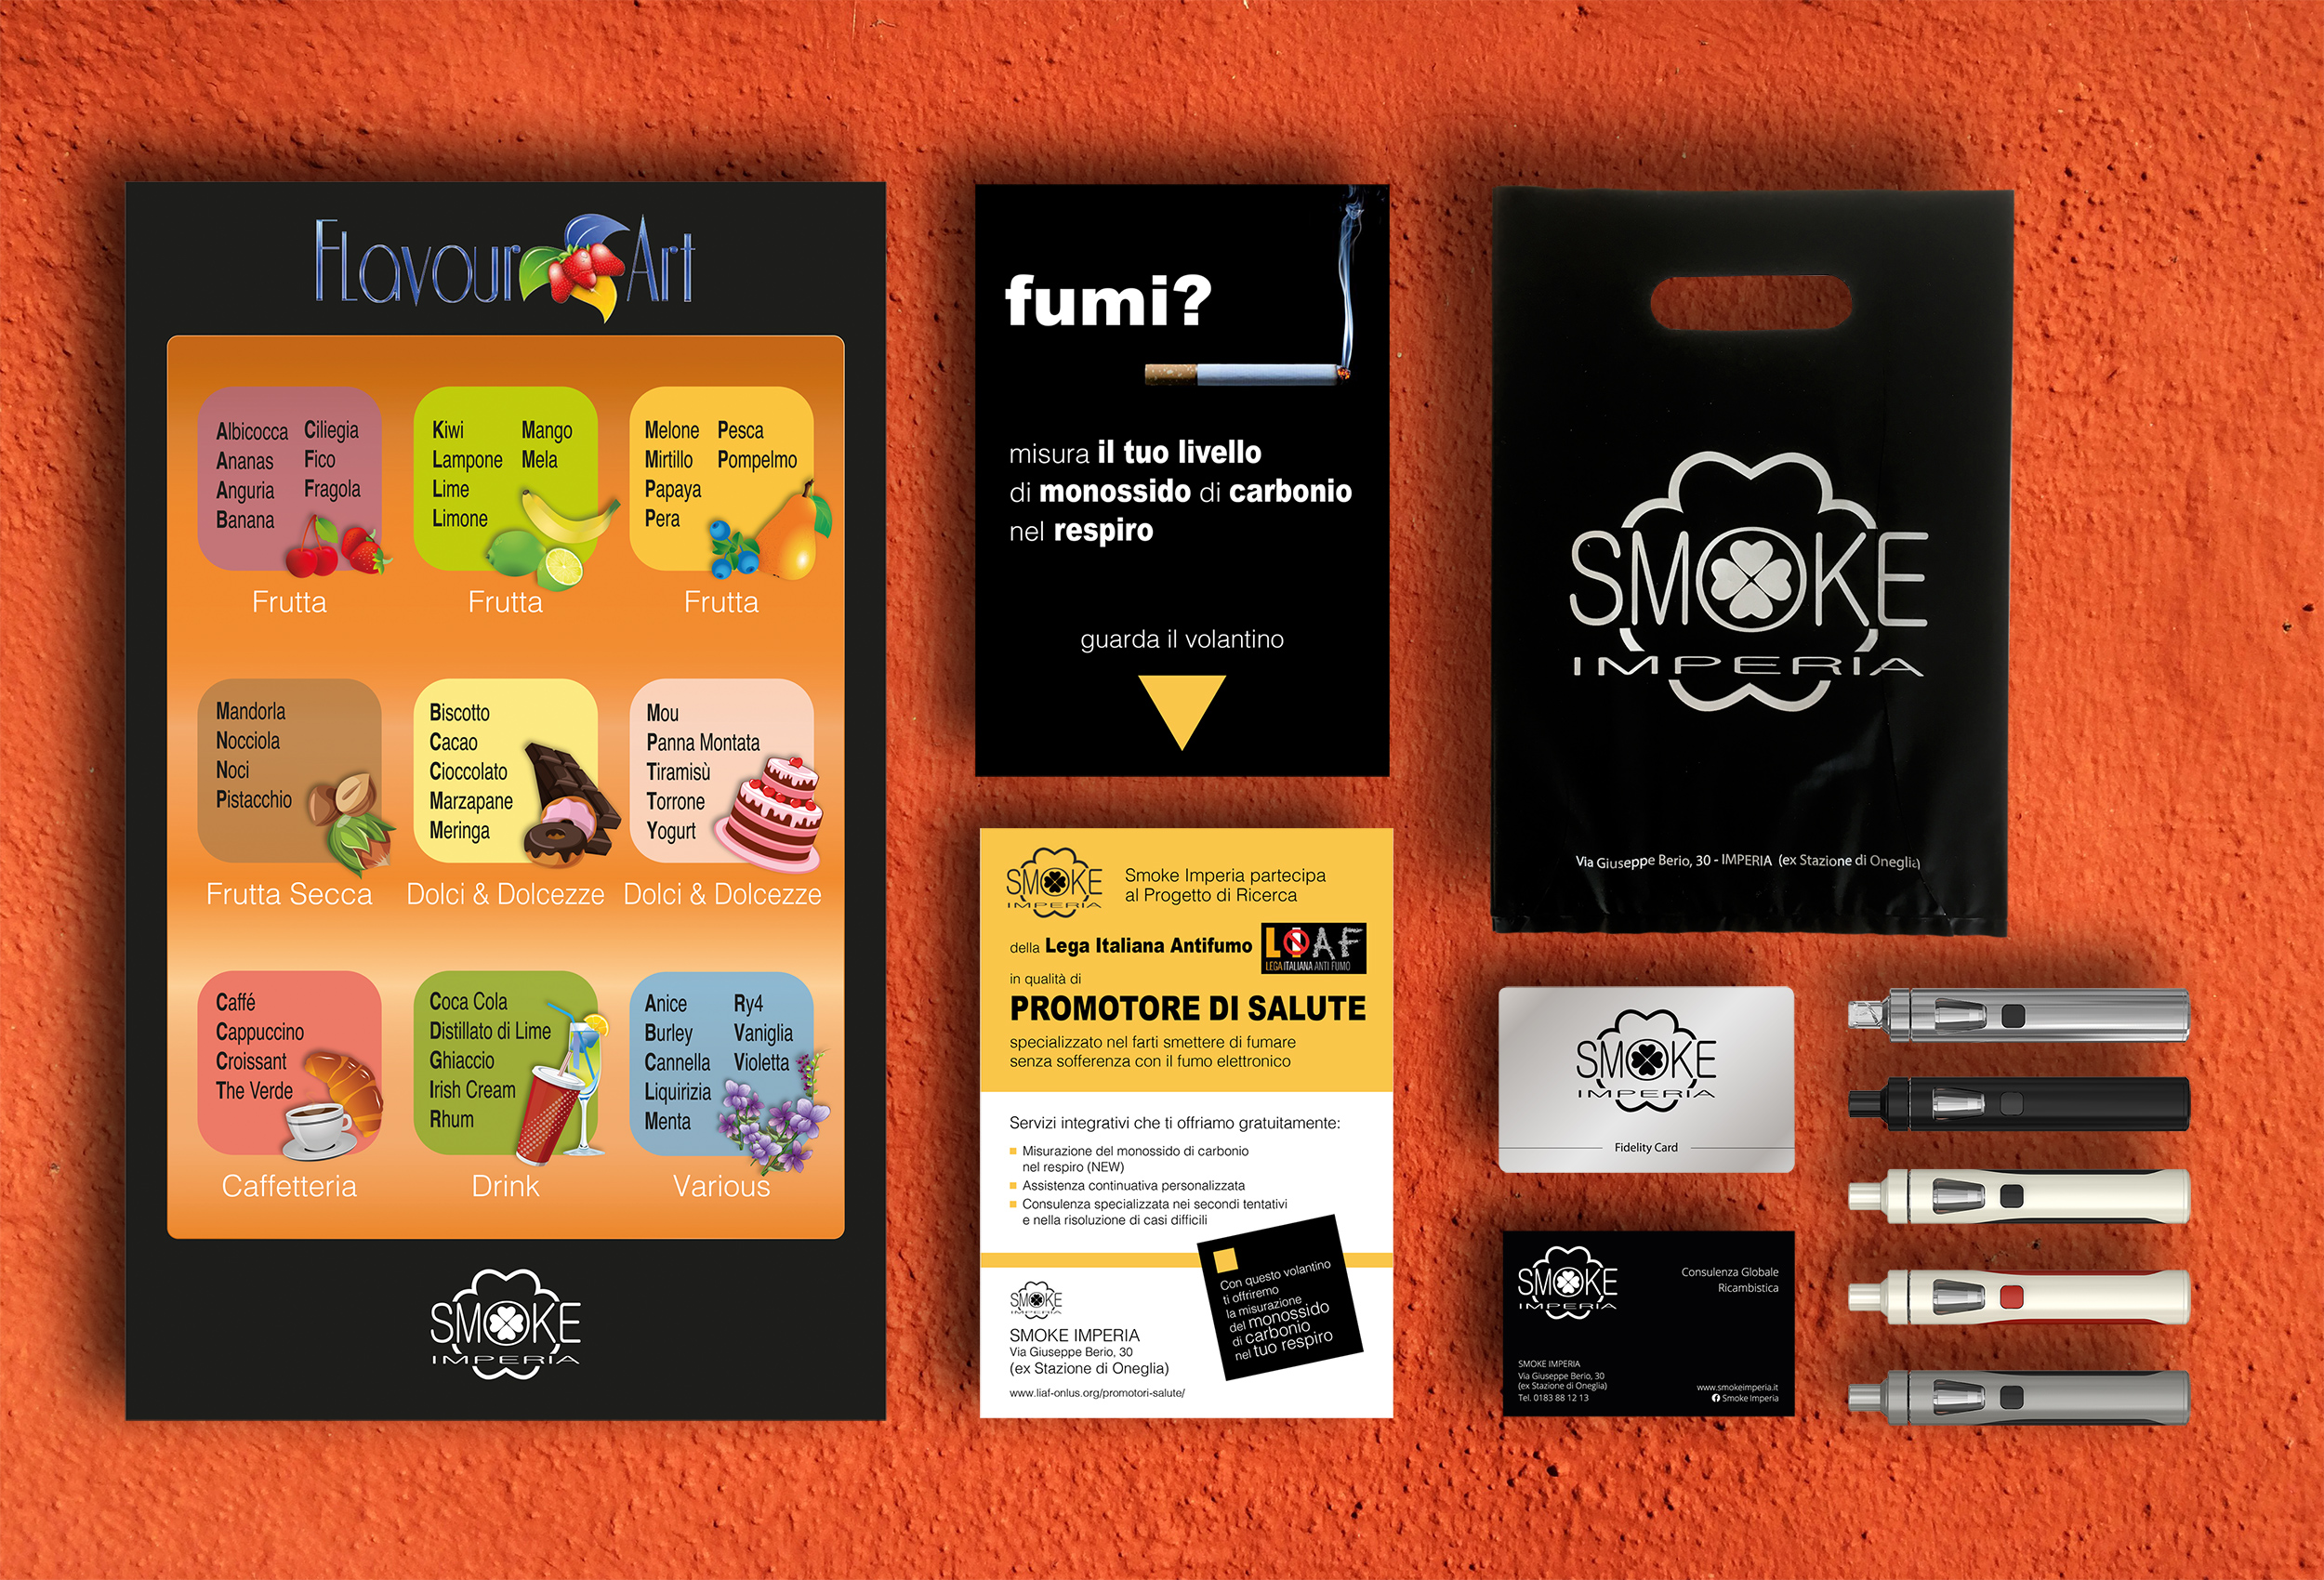 Immagine coordinata Smoke Imperia